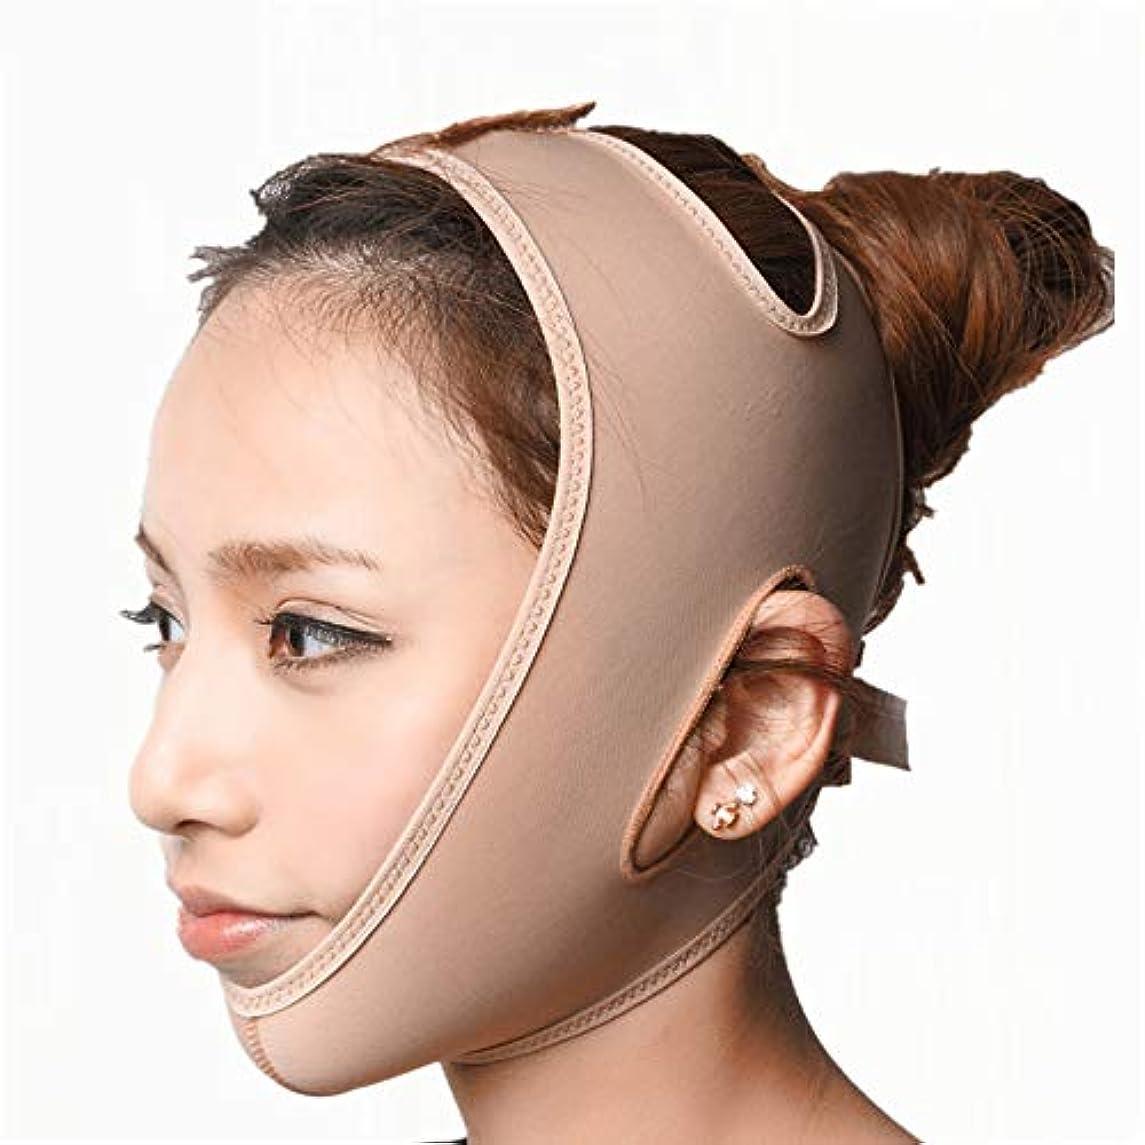 名義で金銭的スカーフJia Jia- 顔の持ち上がる痩身ベルト - アンチエイジングリンクルフェイスマスクベルトシンフェイス包帯整形マスクは顔と首を締めますフェイススリム 顔面包帯 (サイズ さいず : M)